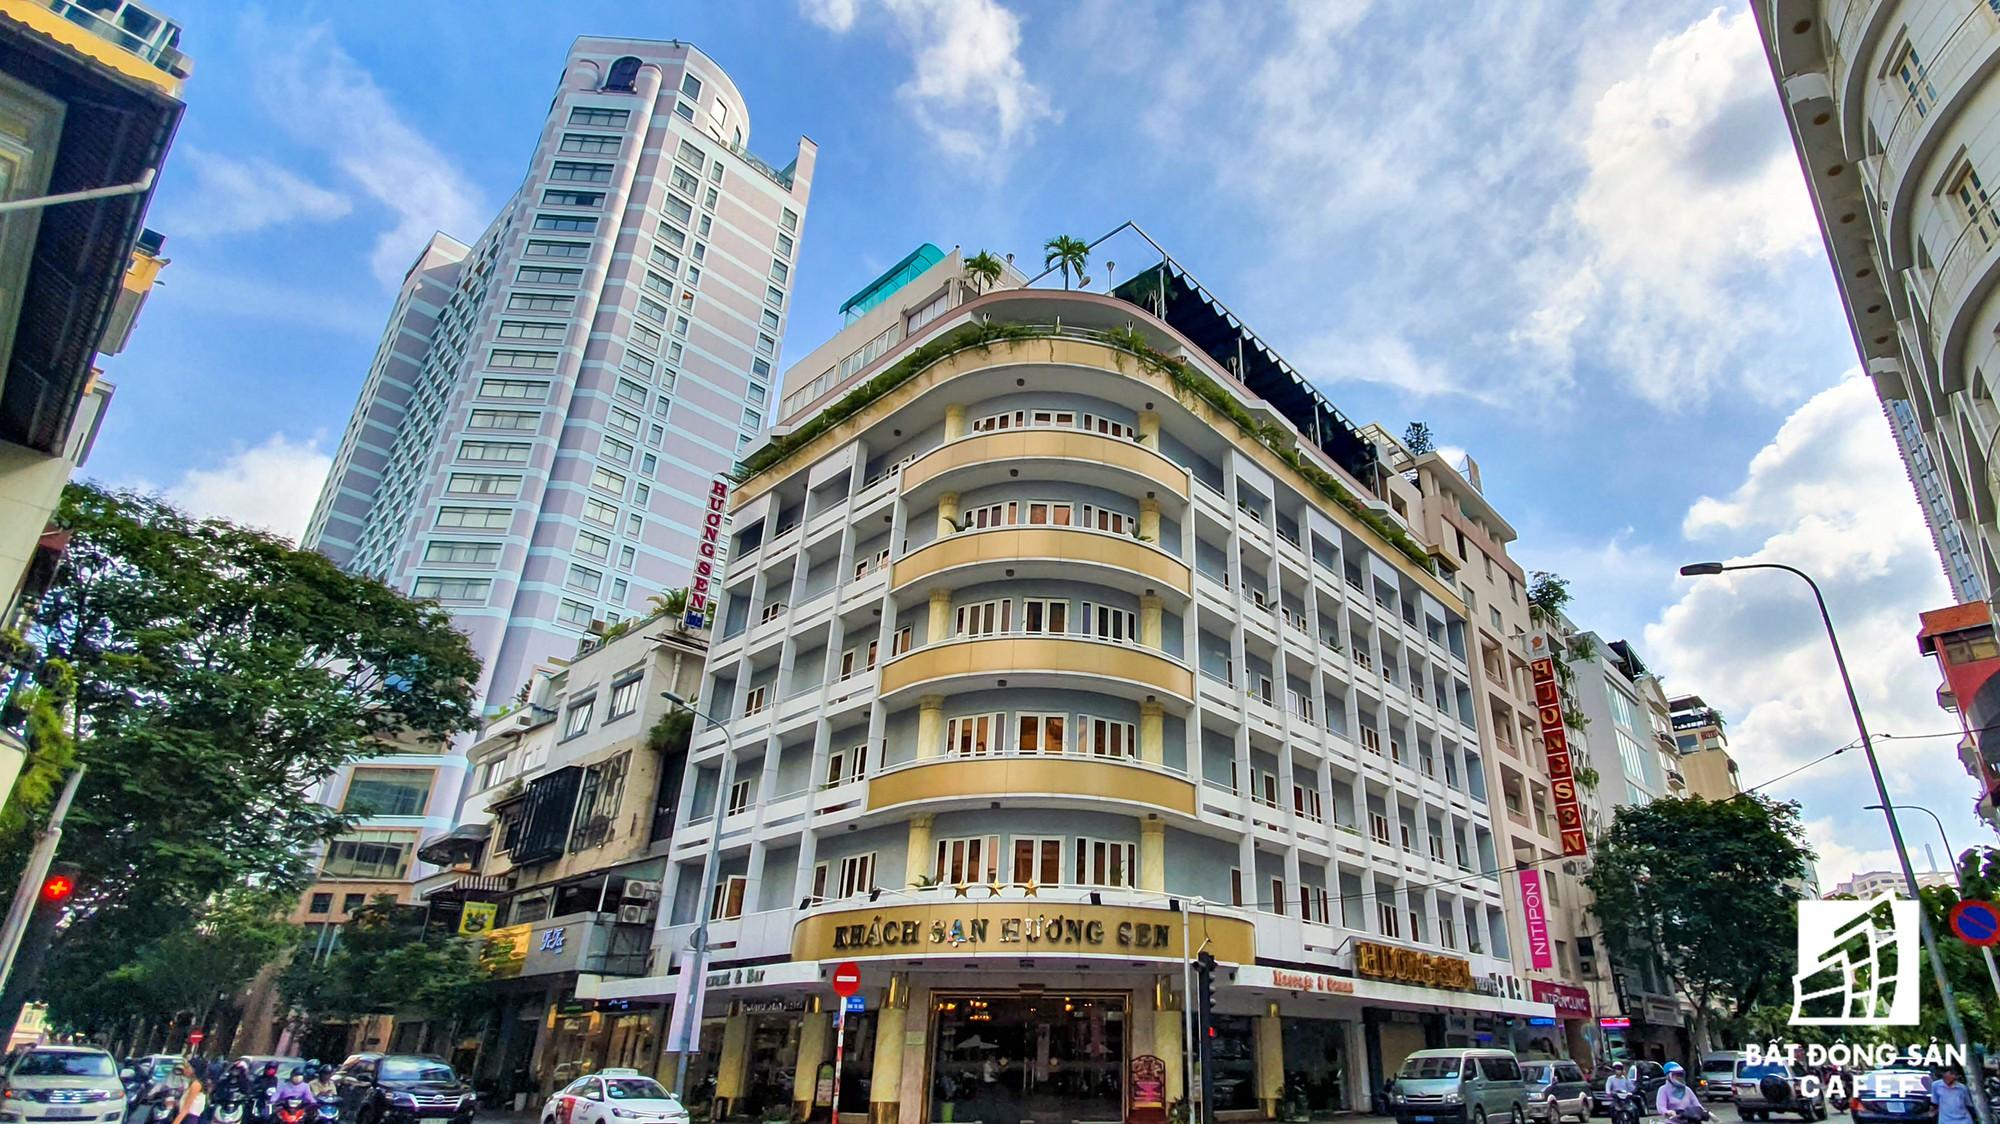 Toàn cảnh con đường có giá bất động sản đắt đỏ nhất Việt Nam, lên tới 2 tỷ đồng một m2 - Ảnh 14.